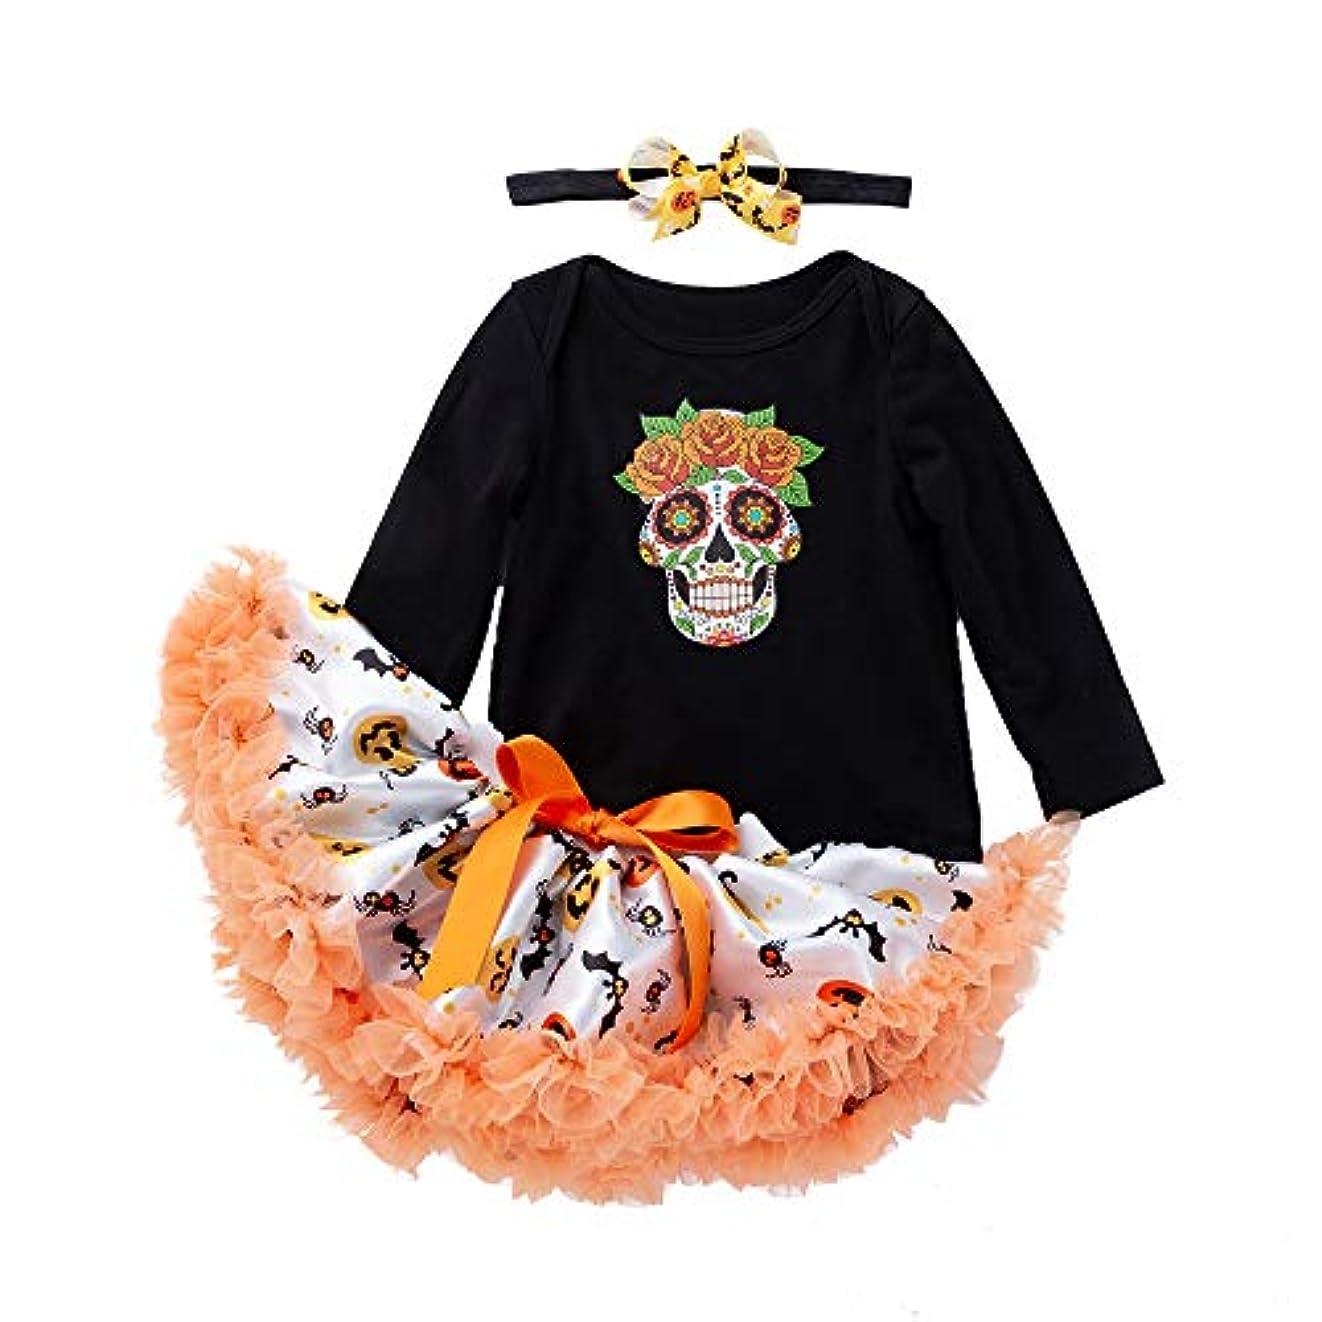 ストライプ浮浪者申し立てられた(プタス) Putars 新生児のハロウィンのロンパー+ツツーのスカートジャンプスのハロウィーンの衣装 3 ヶ月-18 ヶ月